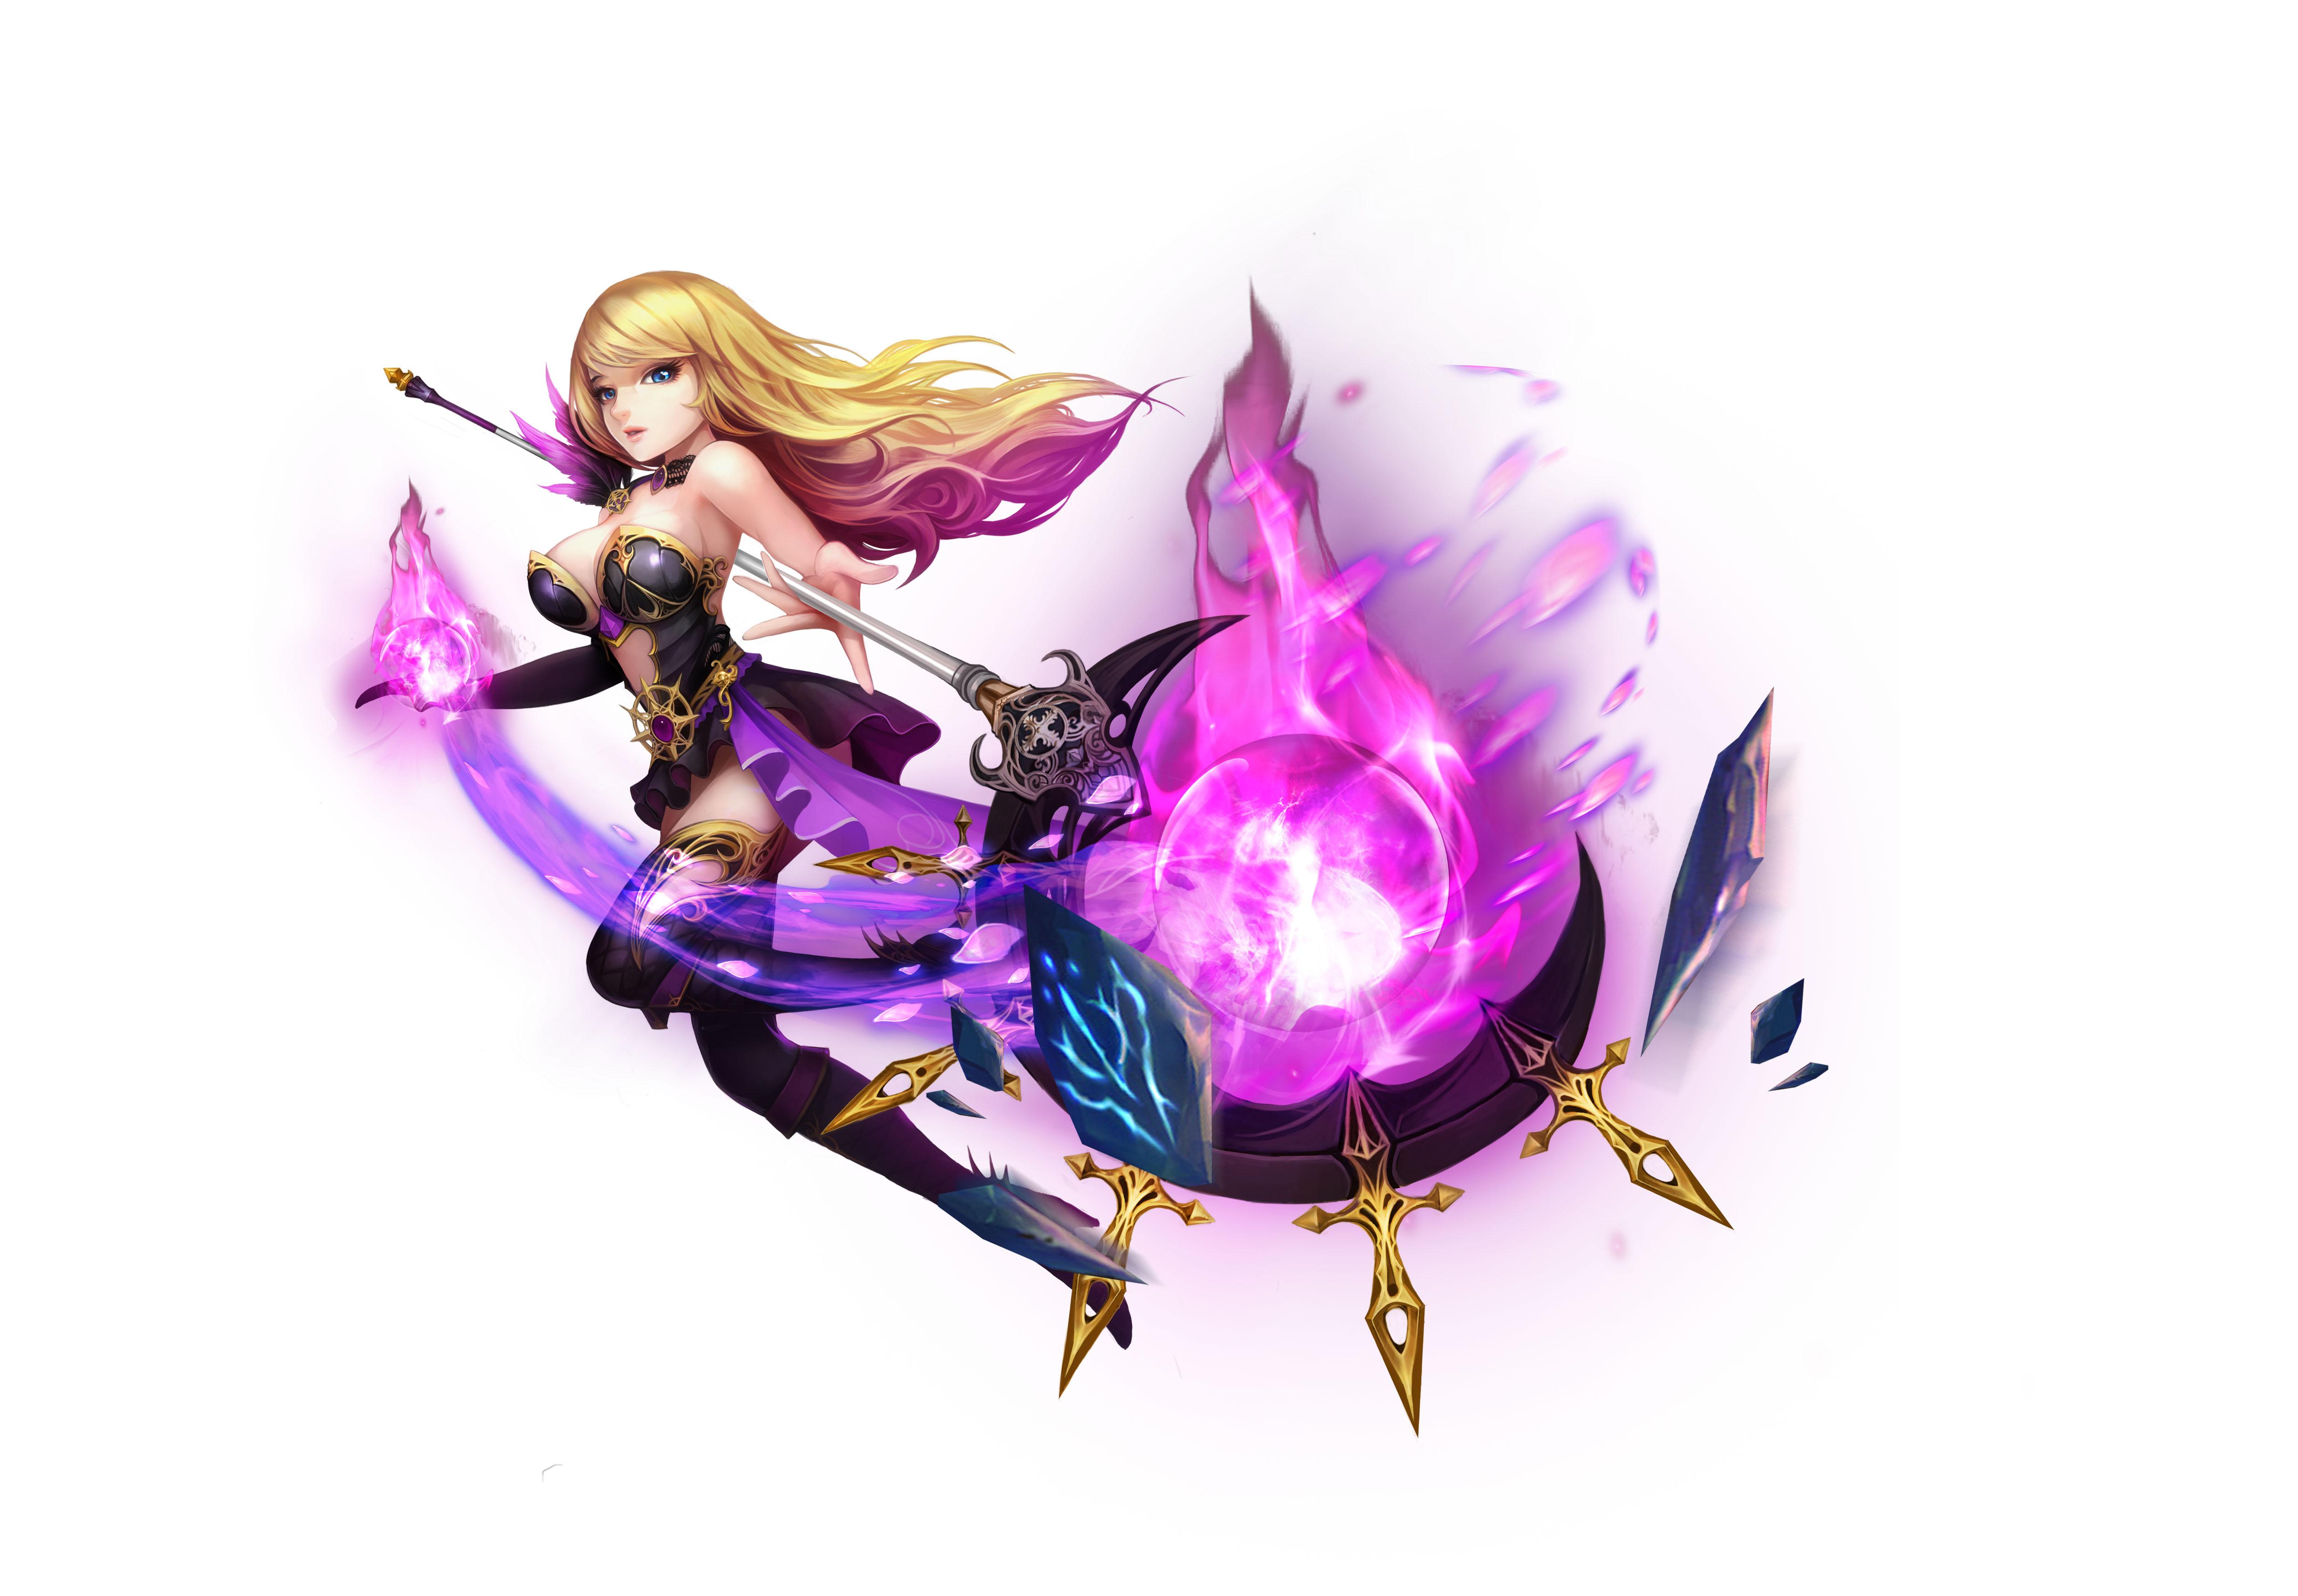 [Tân Thủ] Chức Nghiệp Pháp Sư trong Kỵ Sĩ Rồng - Dragon Knights - 1